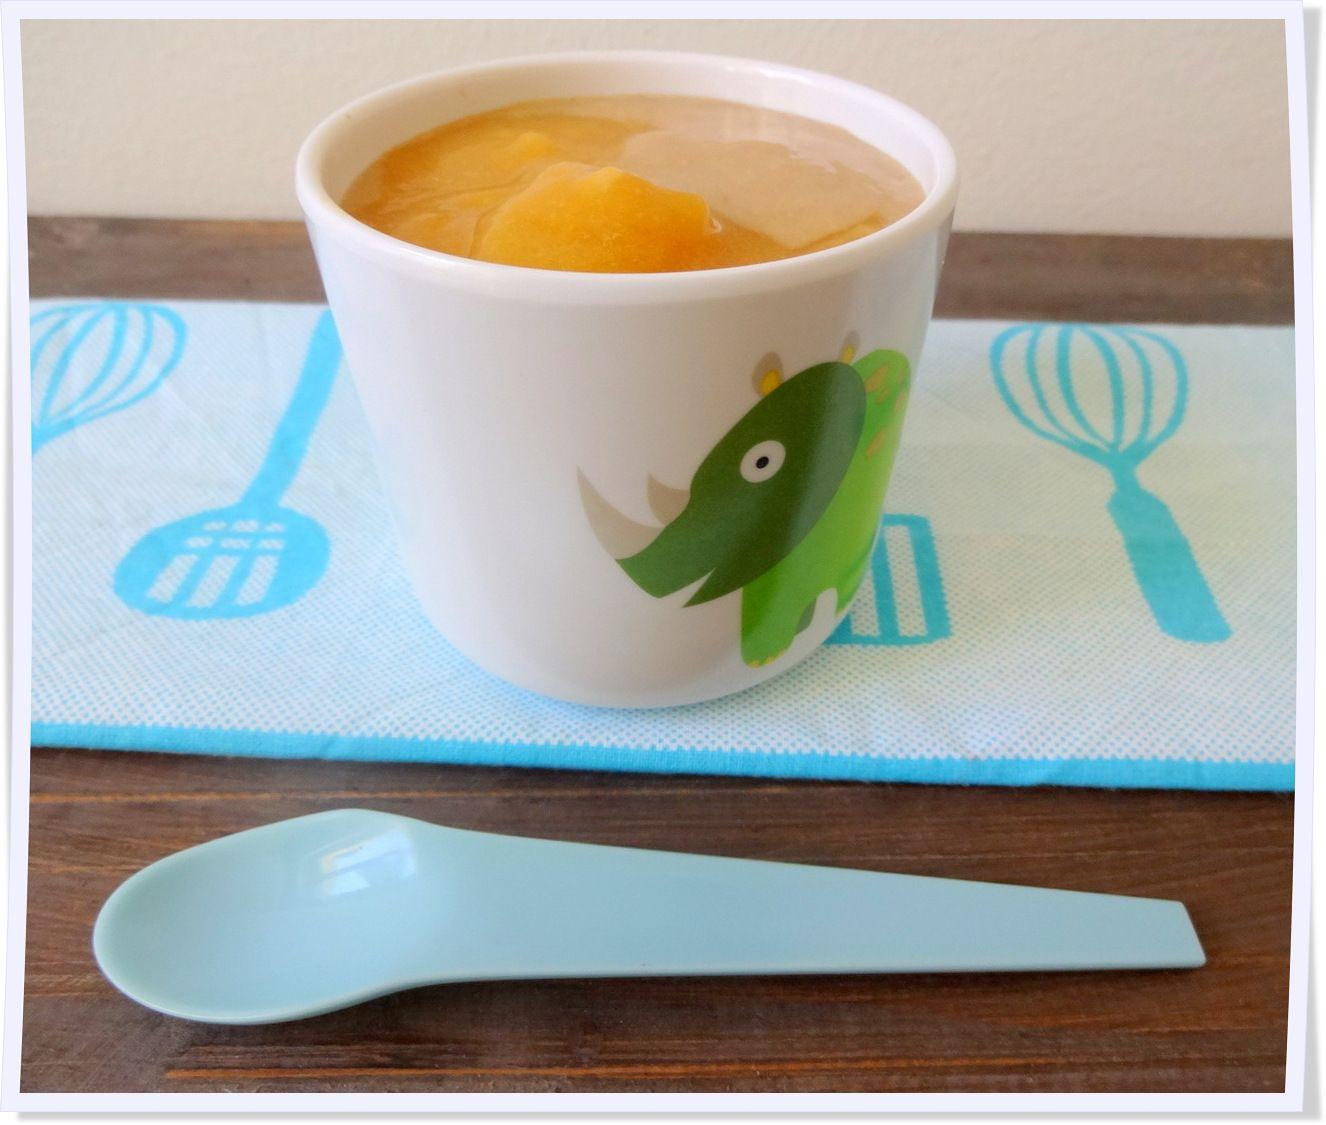 babybrei verschiedene rezepte zum nachkochen mytoys blog pinterest babybrei baby und. Black Bedroom Furniture Sets. Home Design Ideas